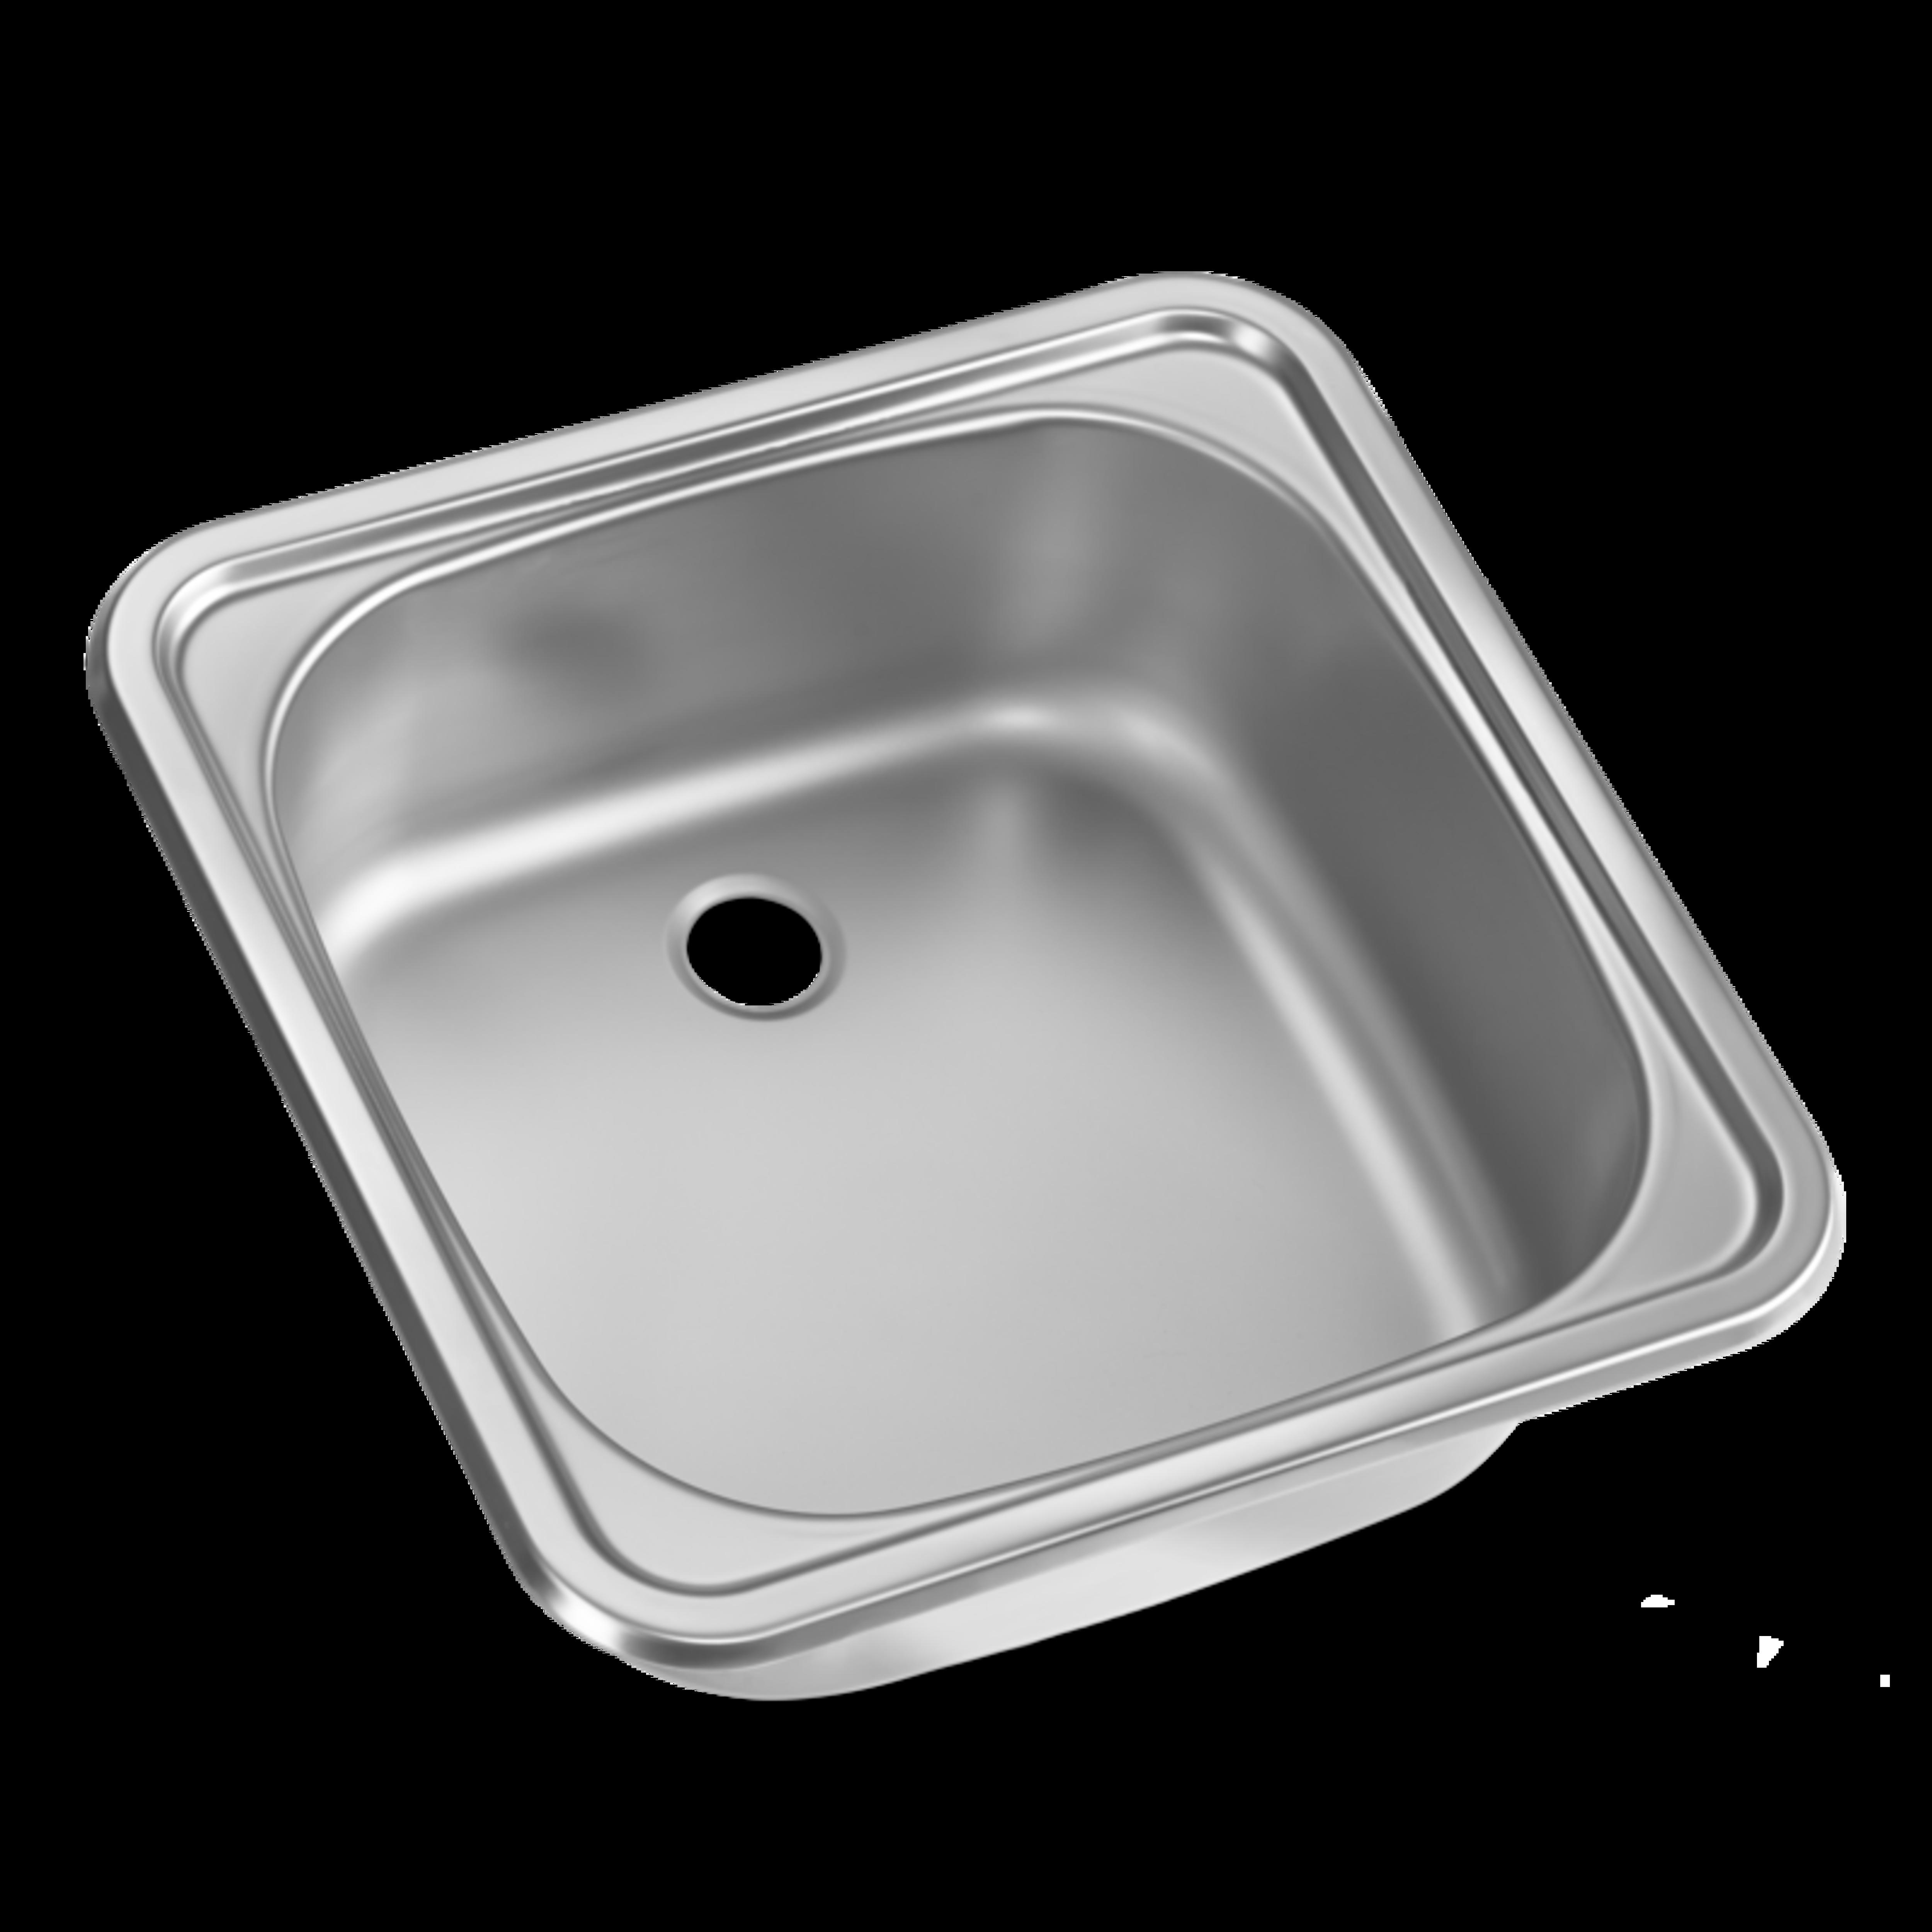 Nelikulmainen ja valmistettu ruostumattomasta teräksestä, joten kestävä ja helppo puhdistaa